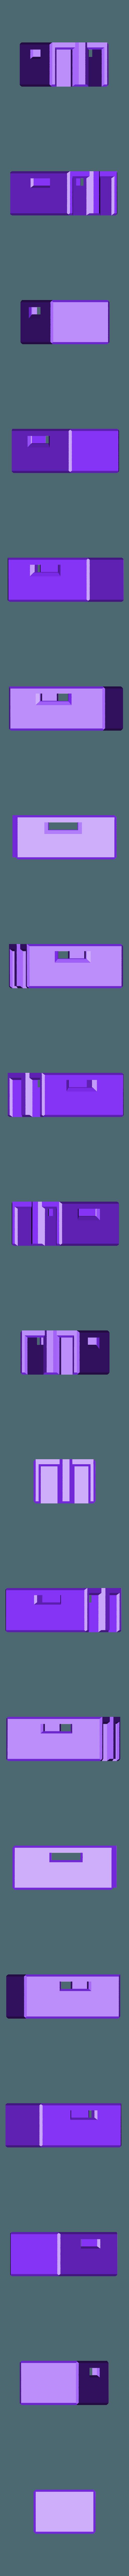 battholder gens ace 2500.stl Télécharger fichier STL Lipo 2S RX battery holder gens ace 2500 • Plan pour imprimante 3D, 3DDrone